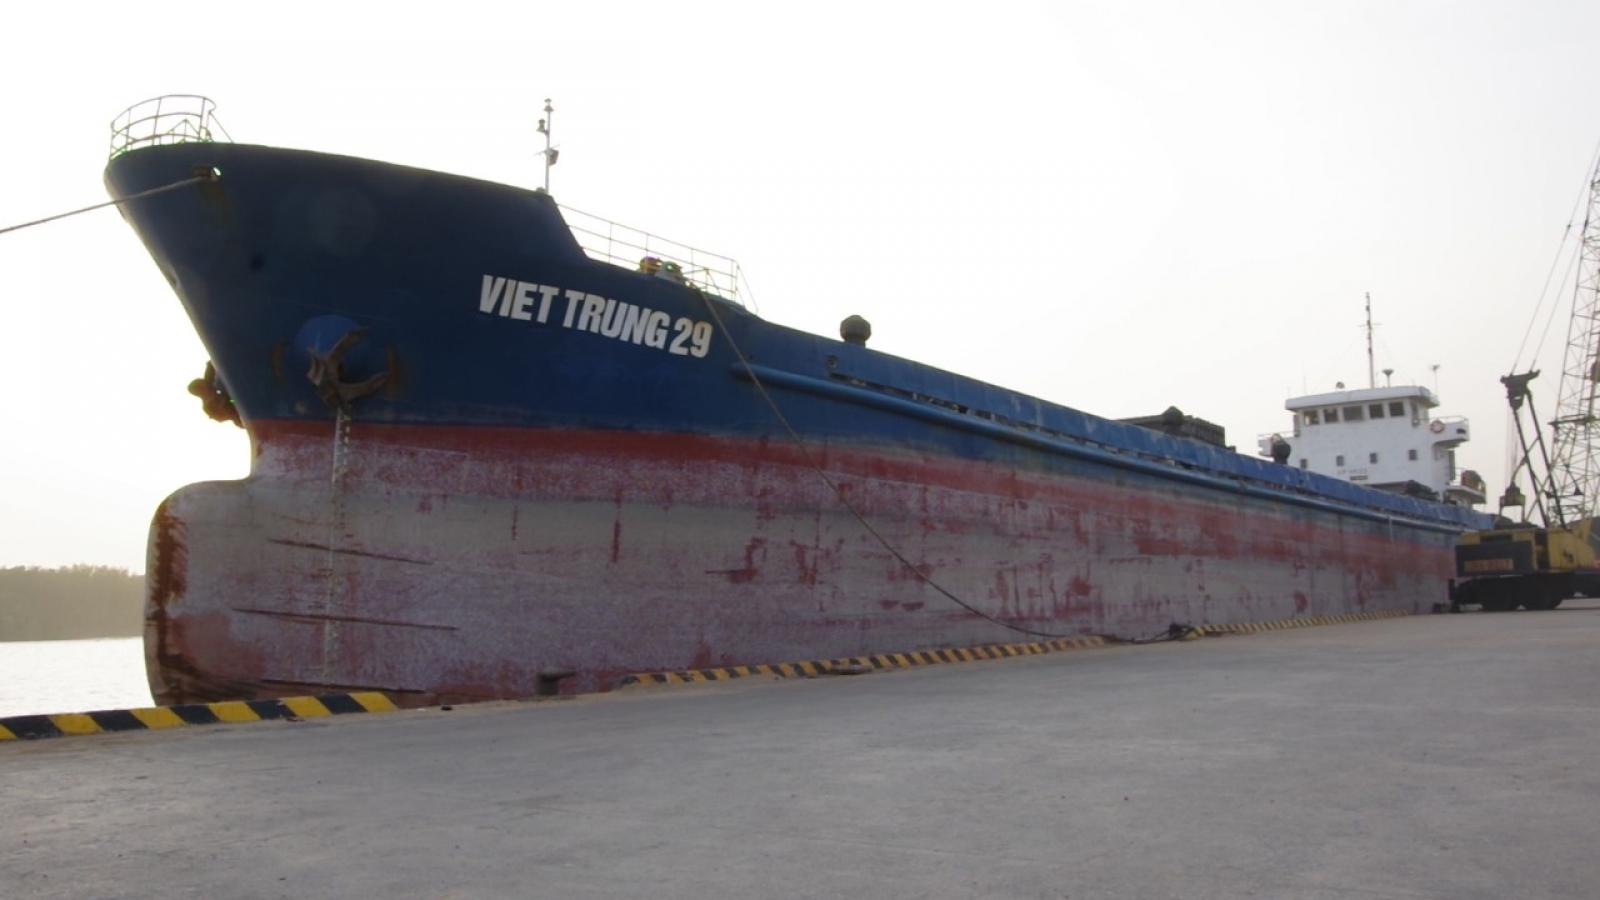 Điều tra tàu Việt Trung 29 vận chuyển bắp hạt có dấu hiệu trộm cắp tài sản